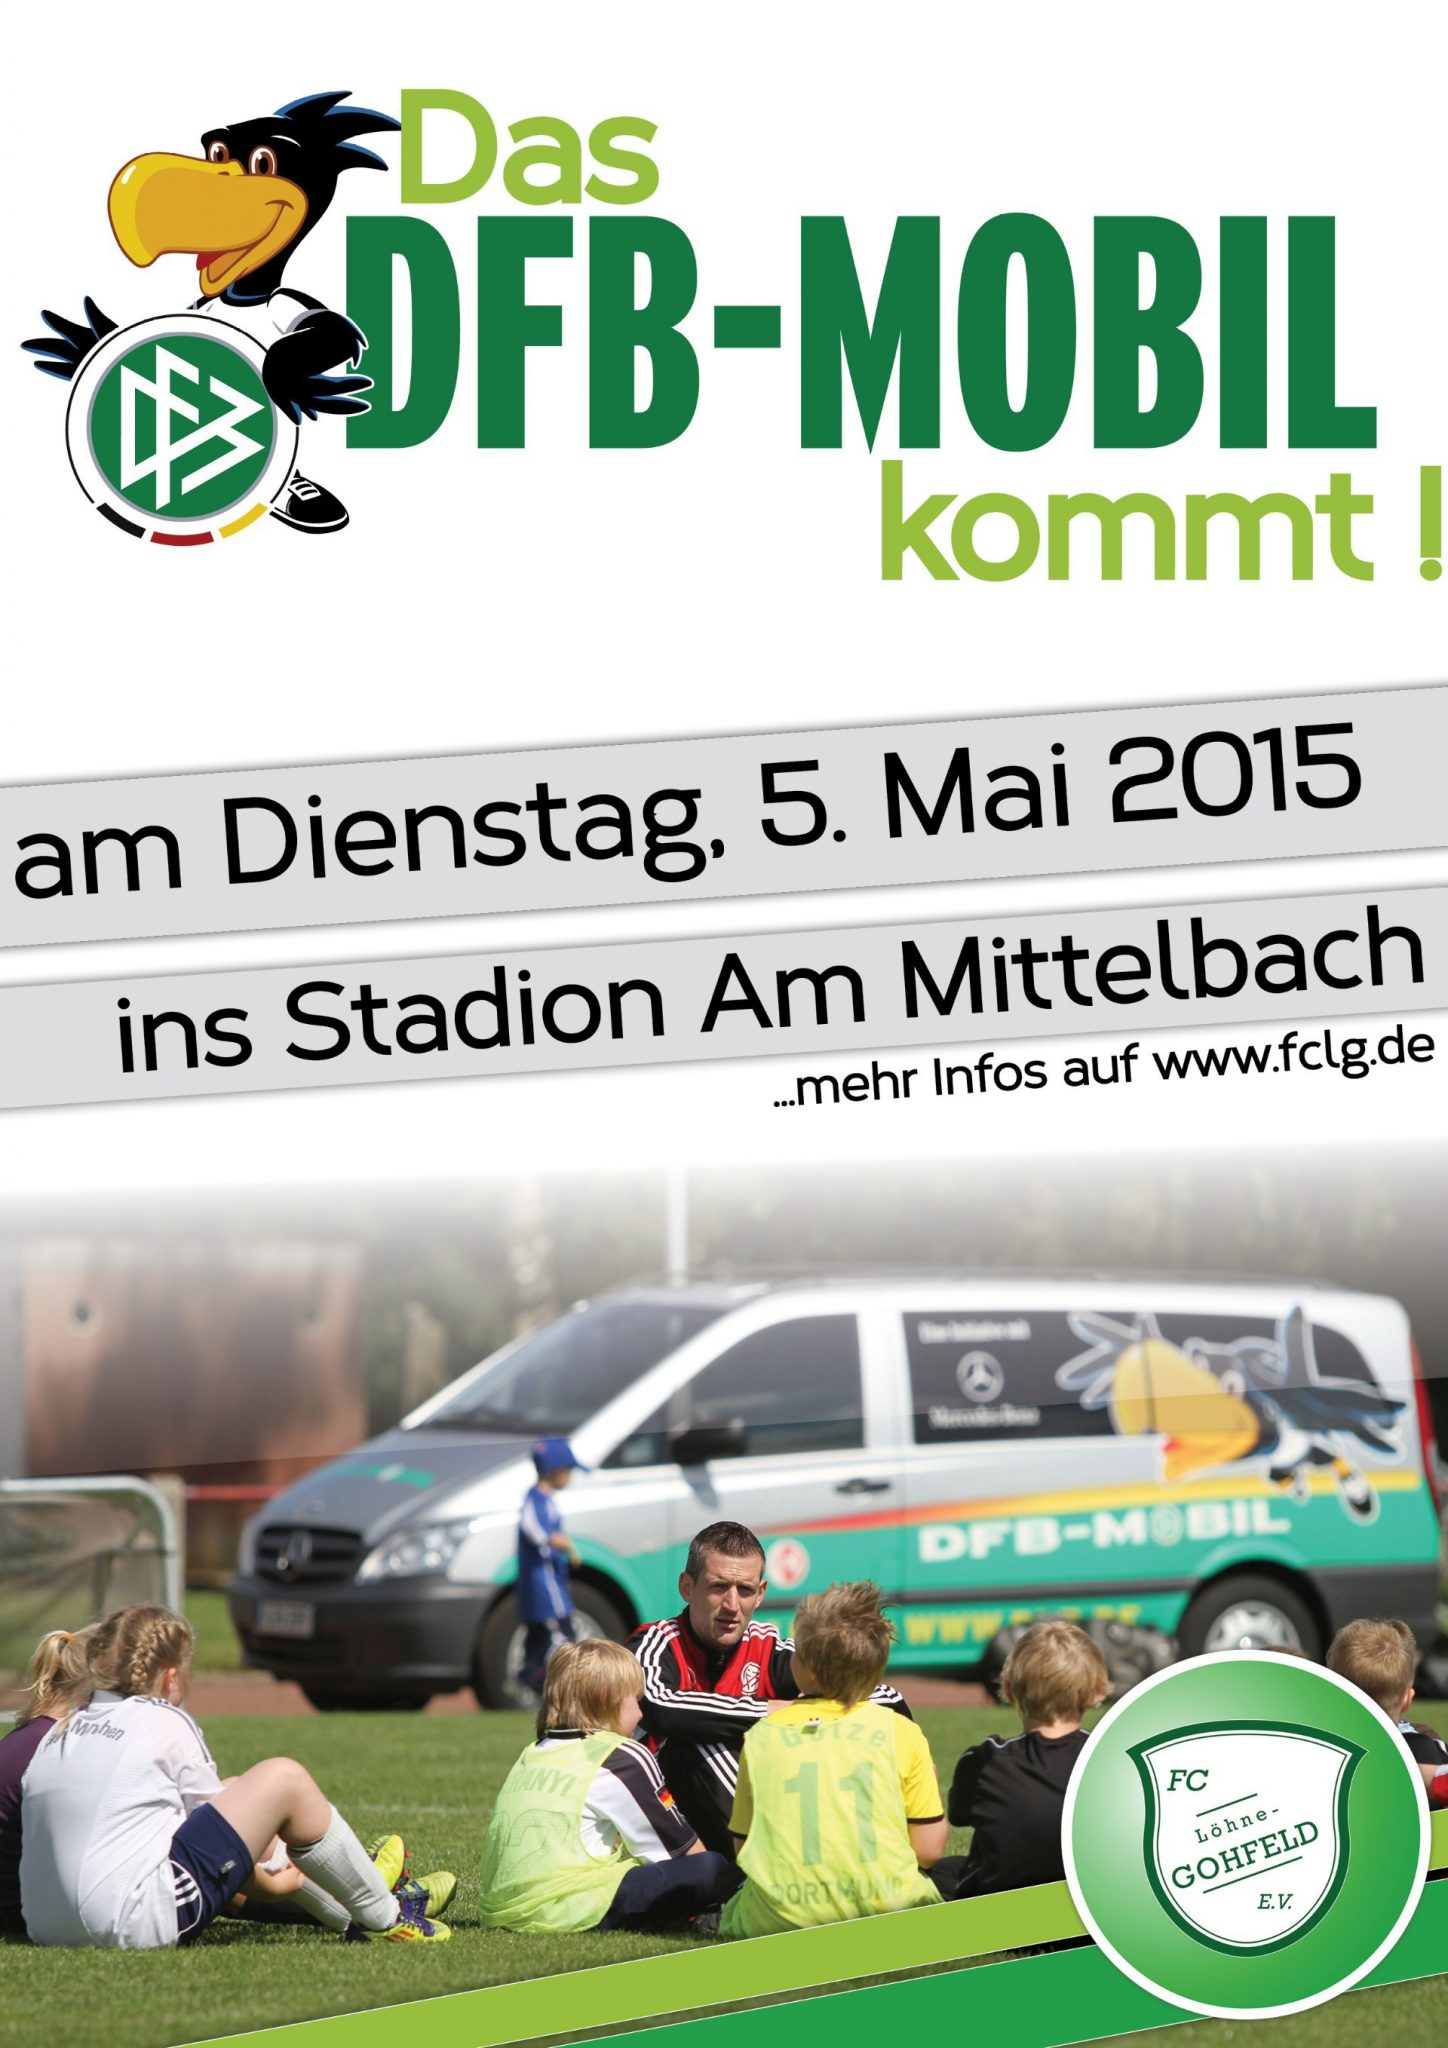 Das DFB-Mobil kommt!